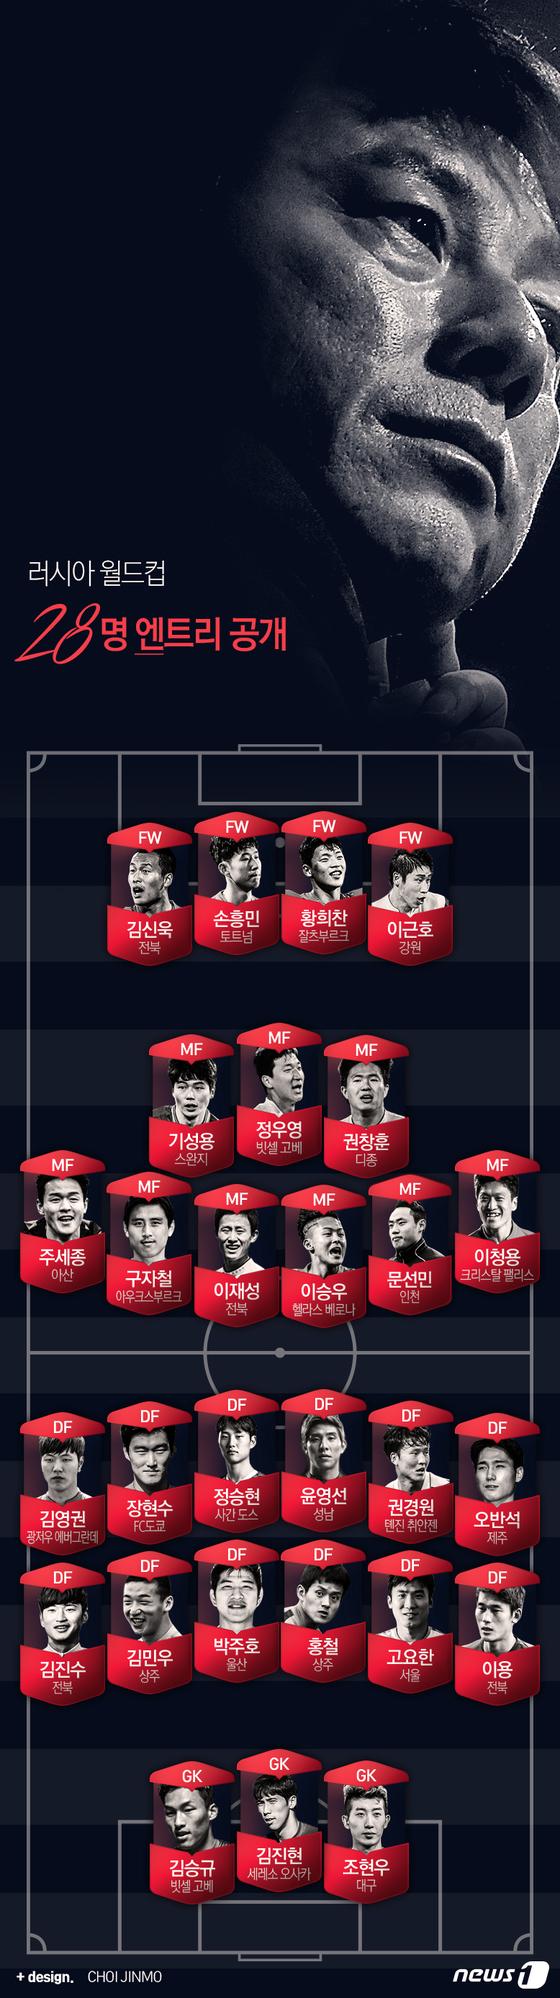 [그래픽뉴스] 2018 러시아 월드컵 대한민국 대표팀 명단(28명)